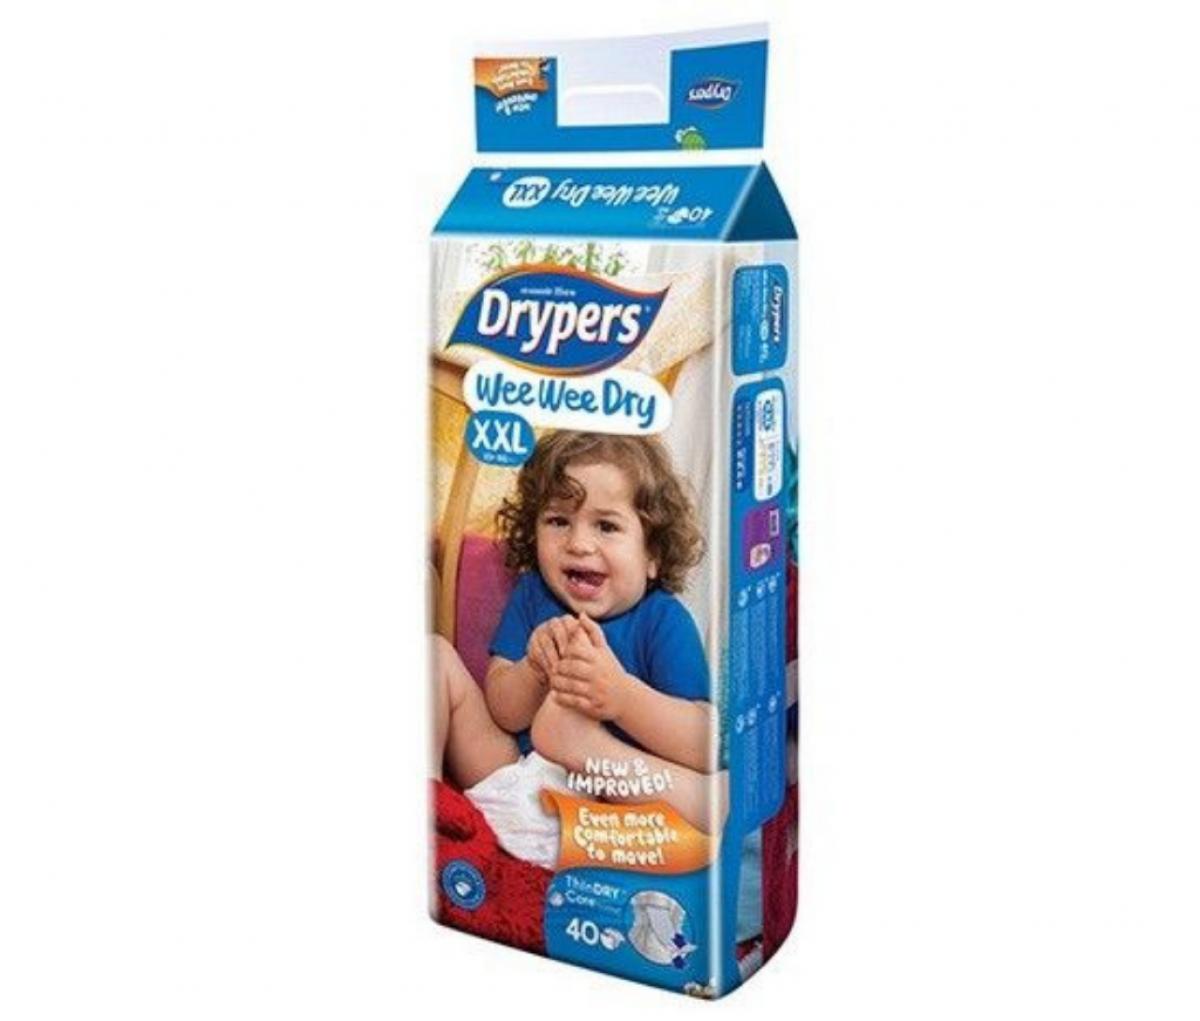 Drypers Baby Diaper (XXL)